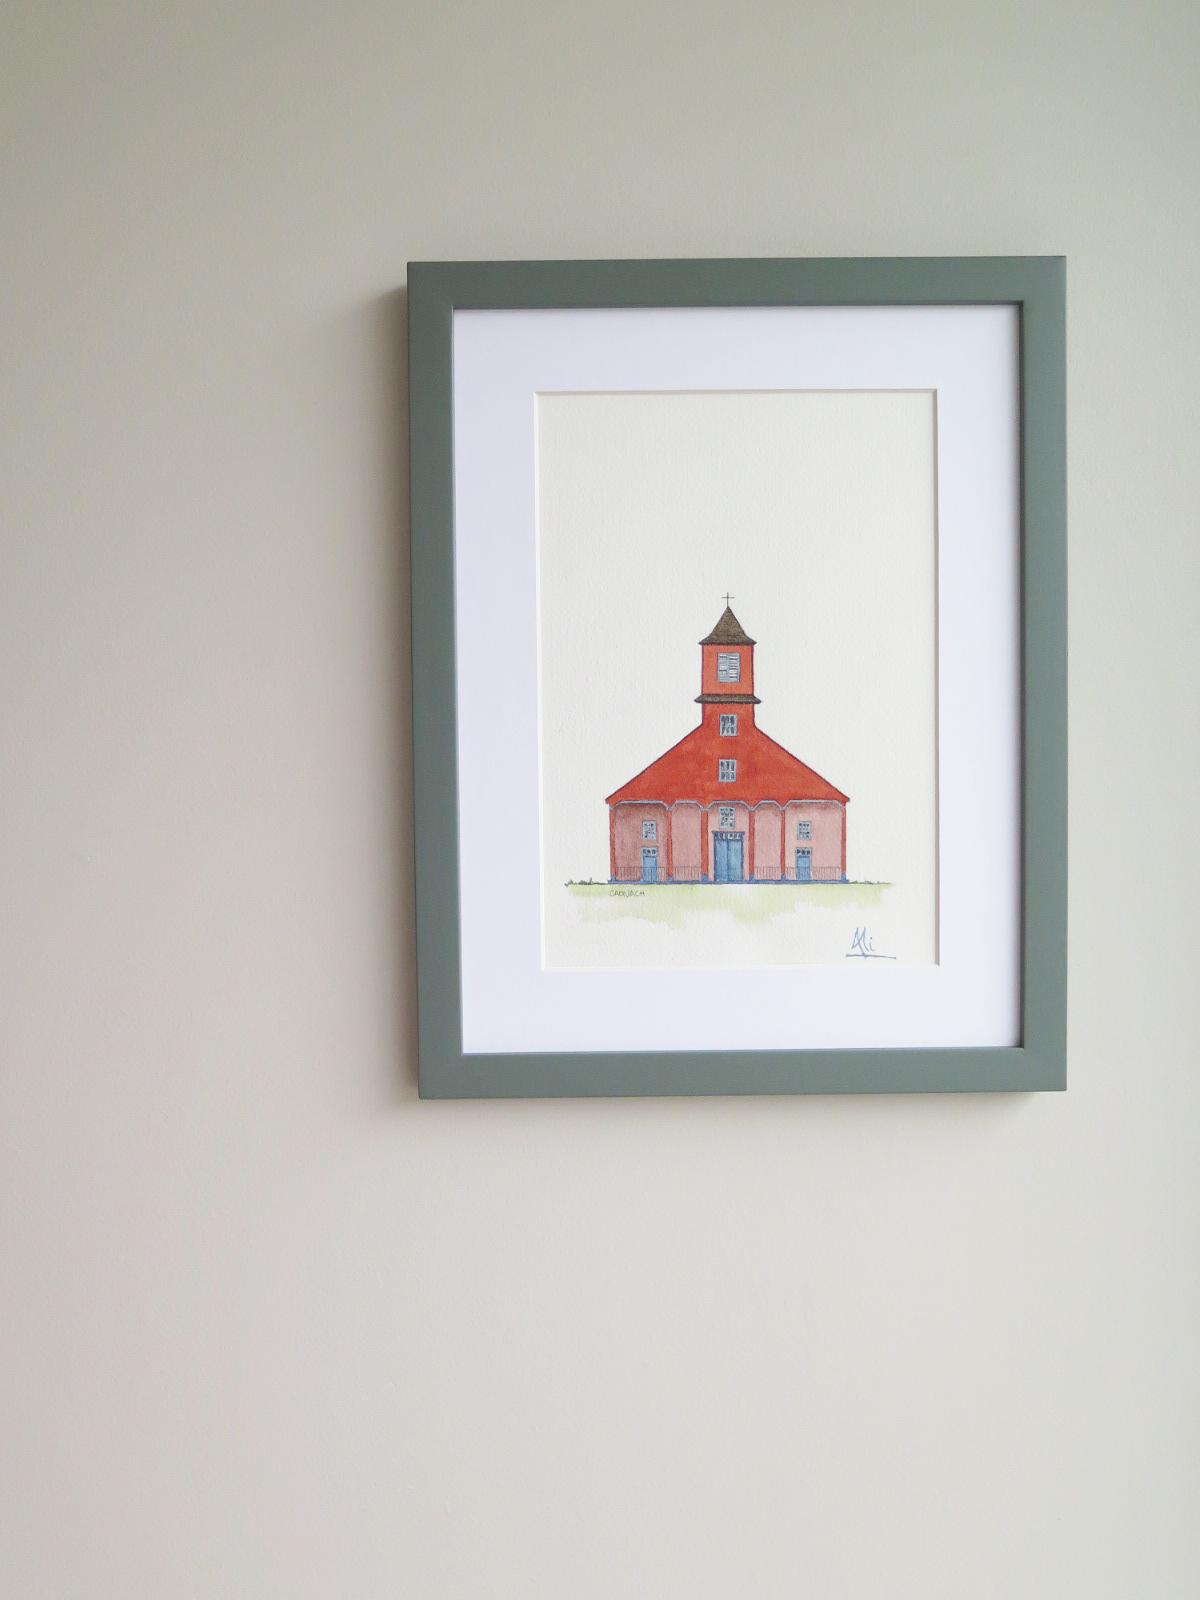 Iglesia de Caguach Valor: $38.000  Tamaño Lámina: 18 x 26 cms. Tamaño Cuadro: 29 x 37 cms. Marco: Blanco, Gris o Albayalde